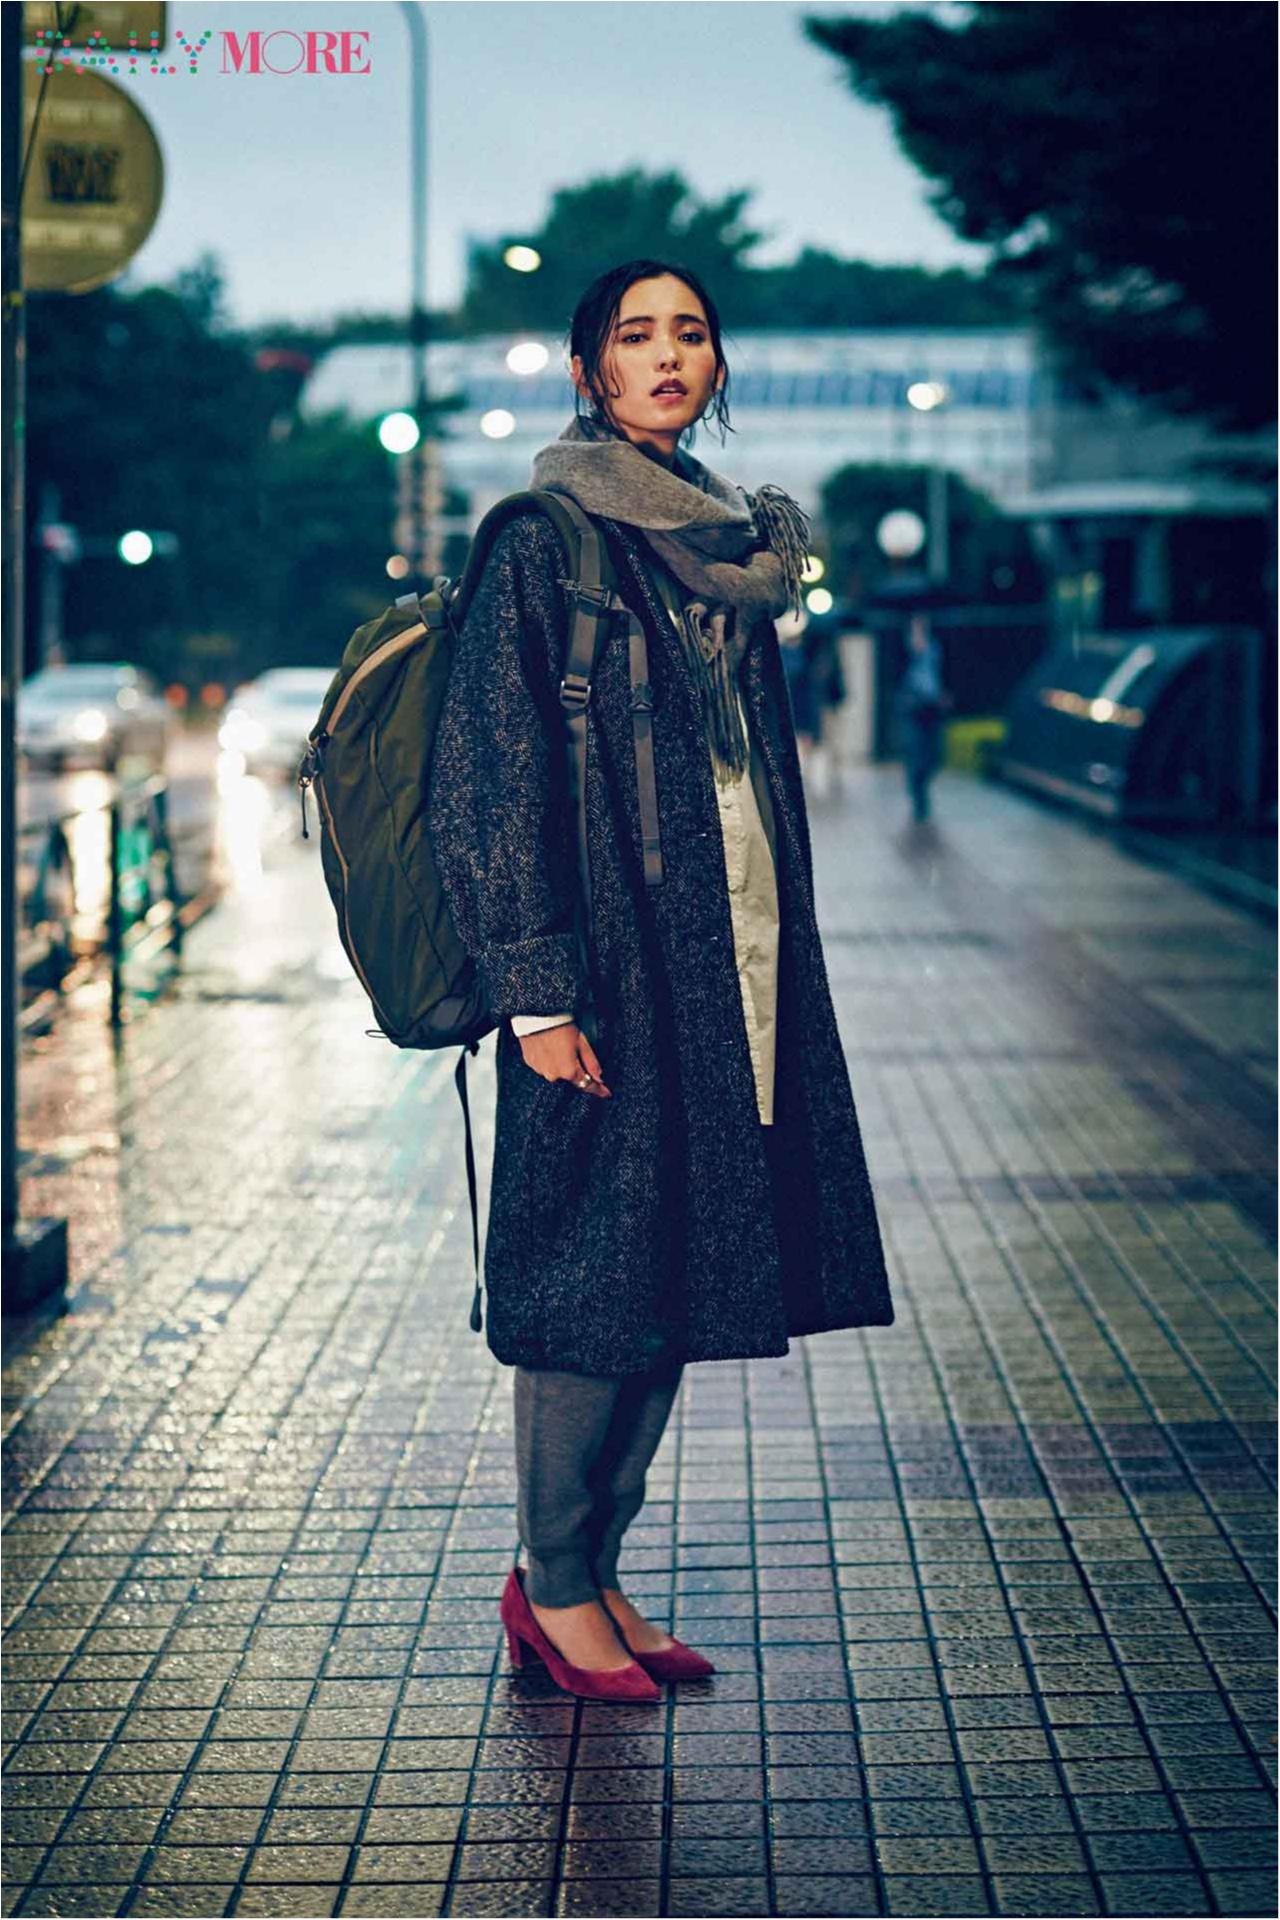 【今日のコーデ/比留川游】週始めから忙しい月曜日はラフコーデ+素敵コートで気分を上げてく!_1